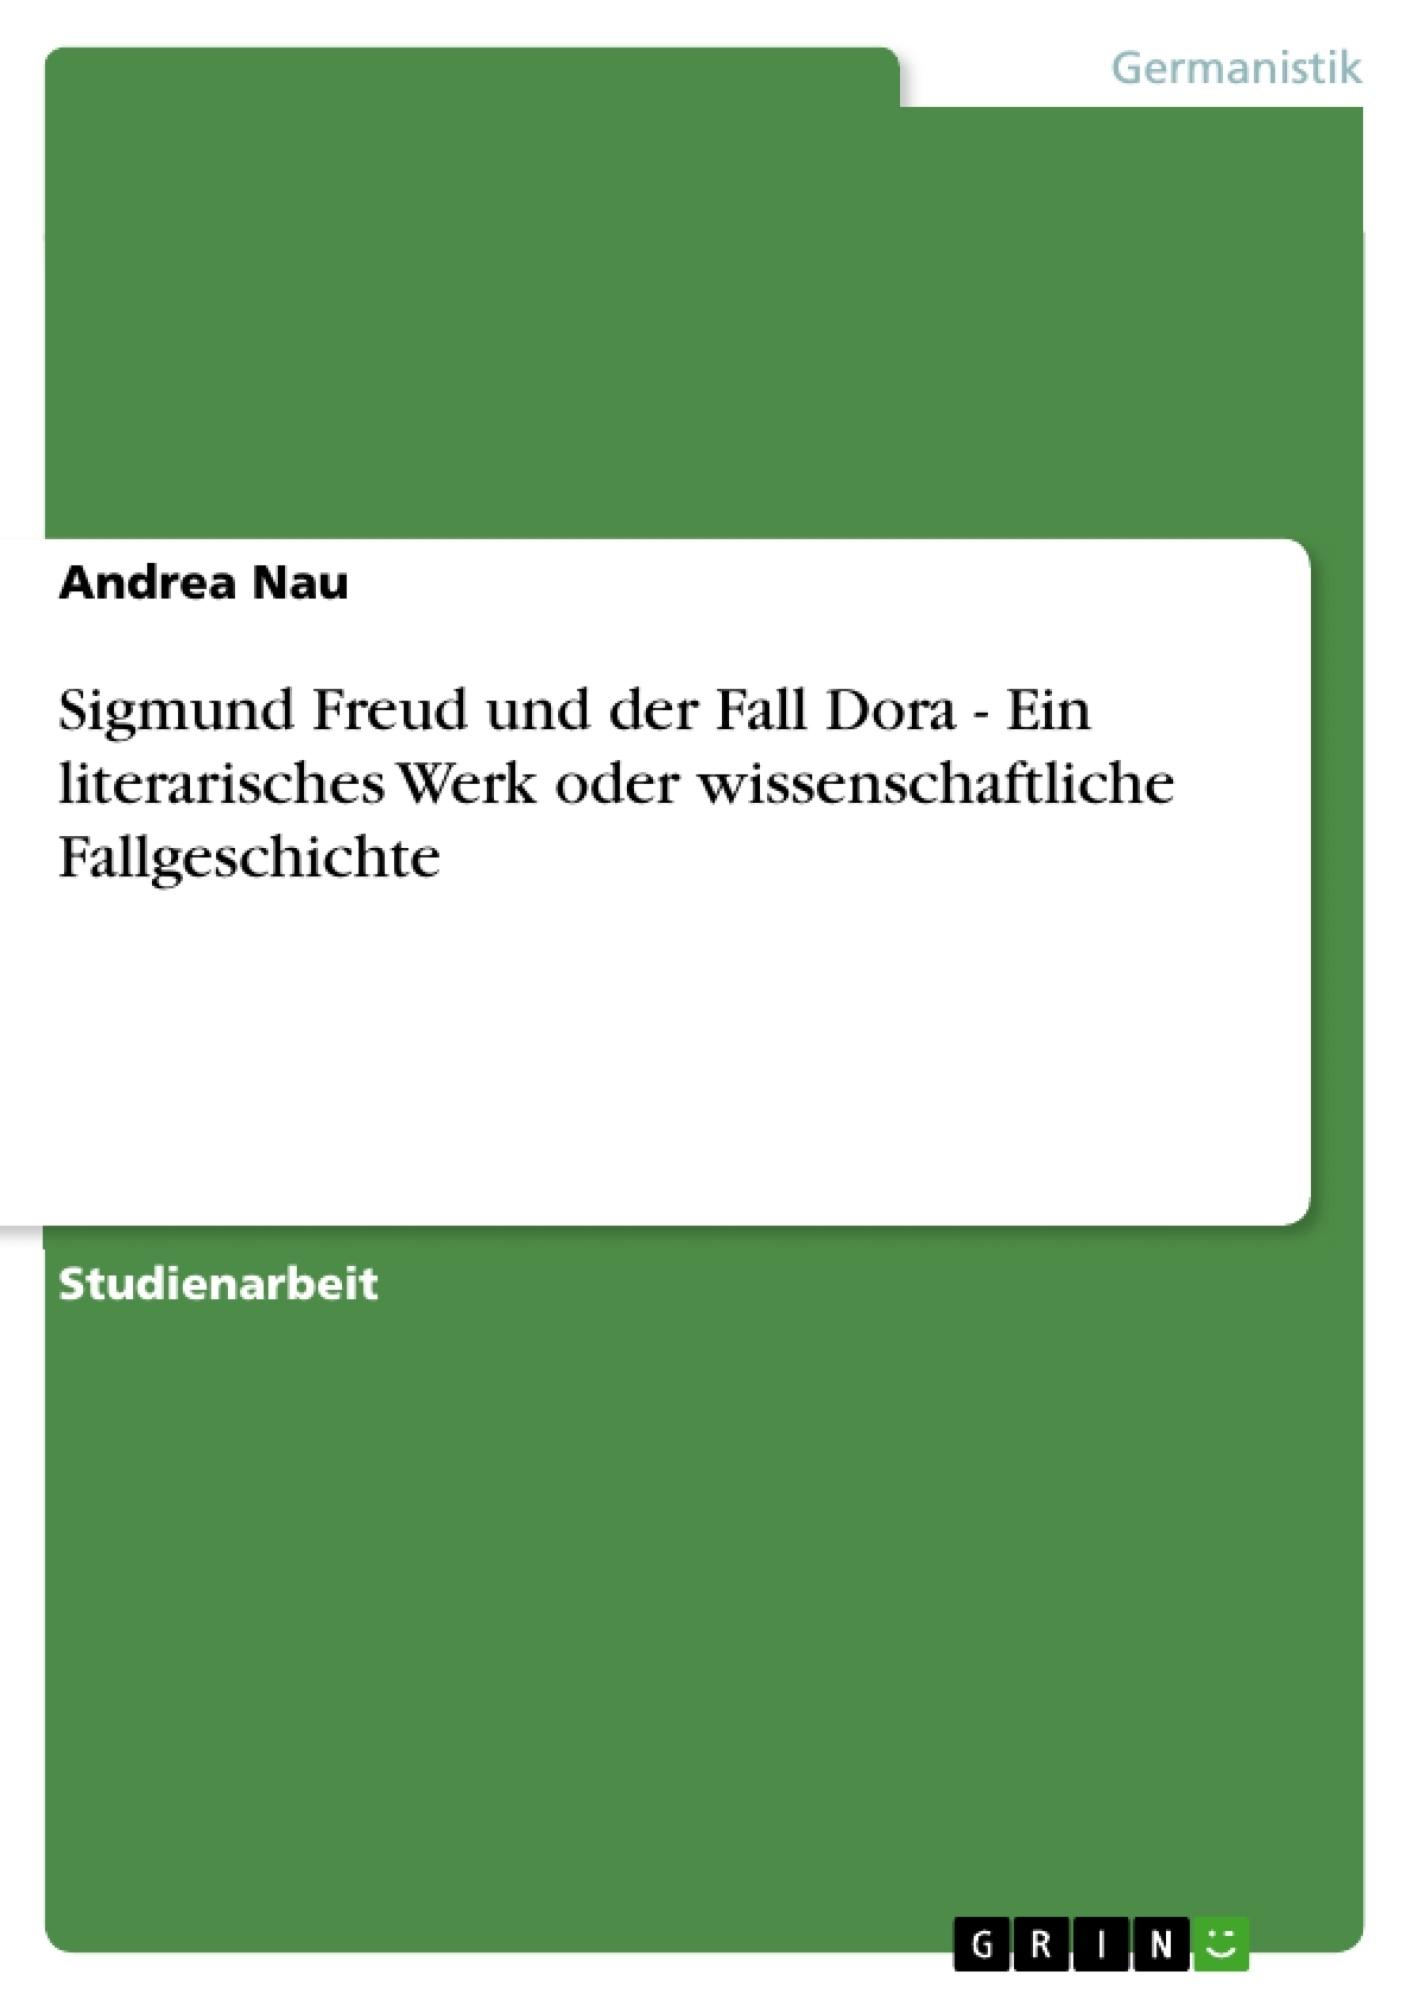 Titel: Sigmund Freud und der Fall Dora - Ein literarisches Werk oder wissenschaftliche Fallgeschichte